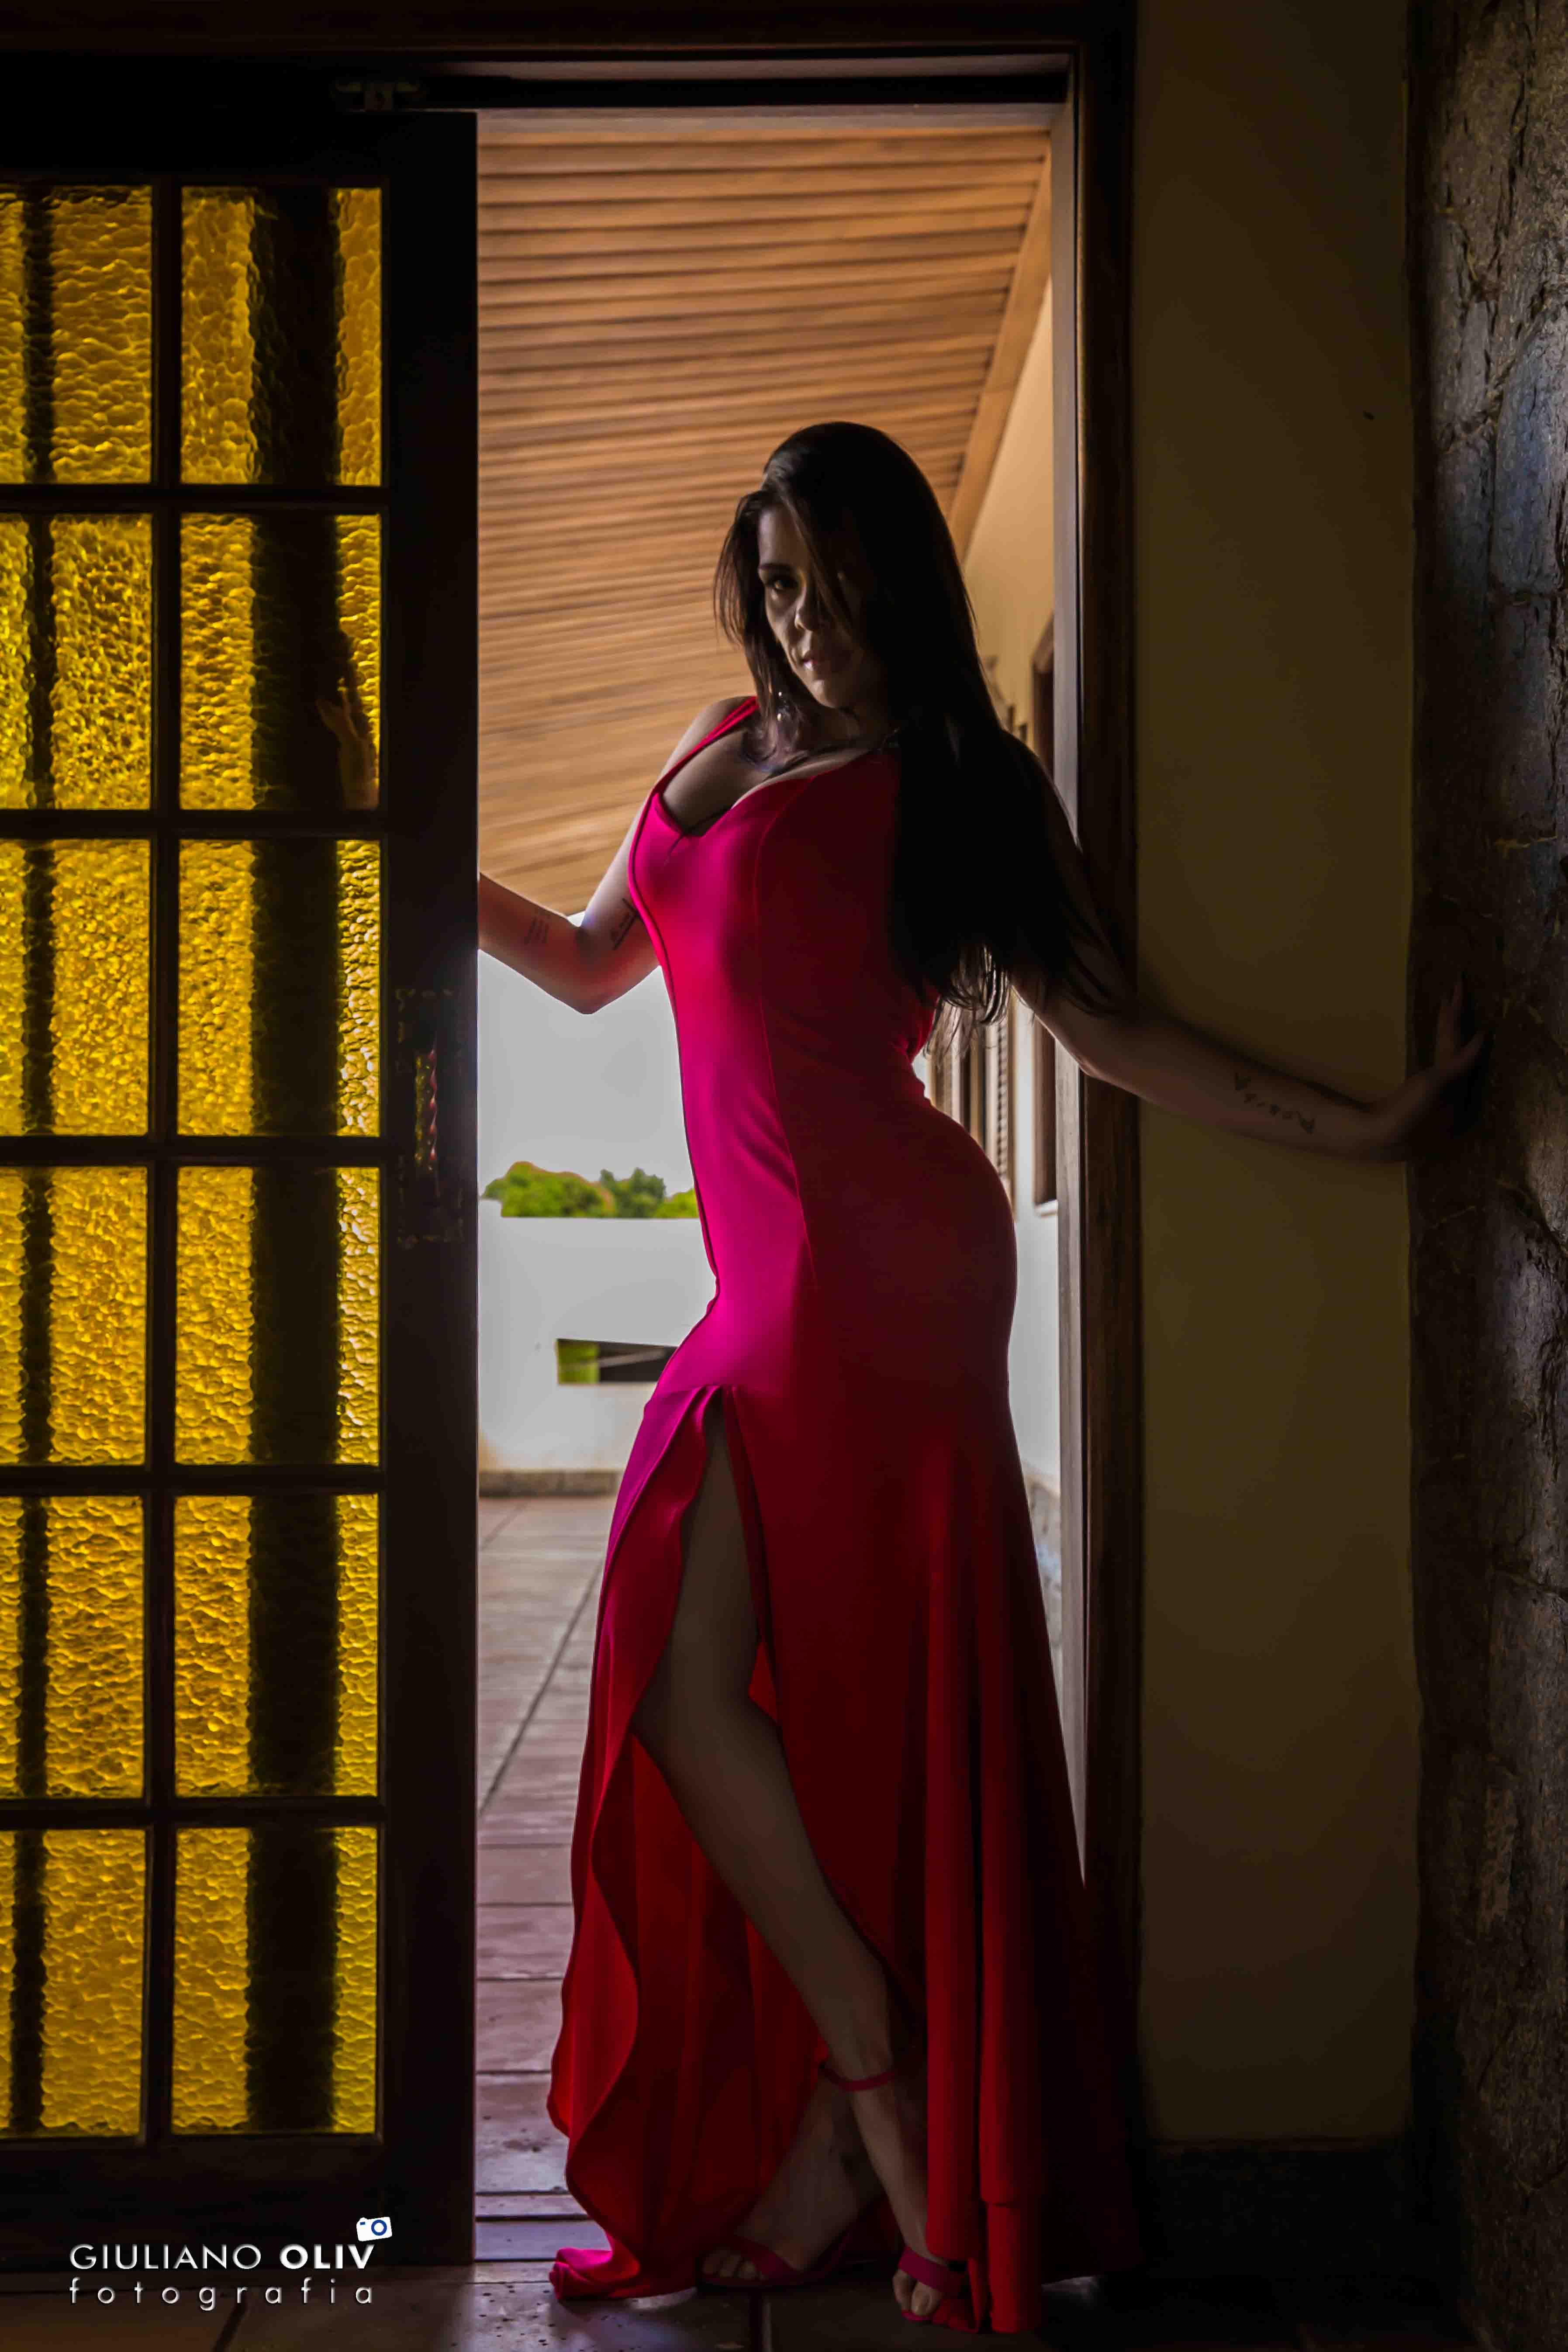 Giuliano Oliv Fotografia